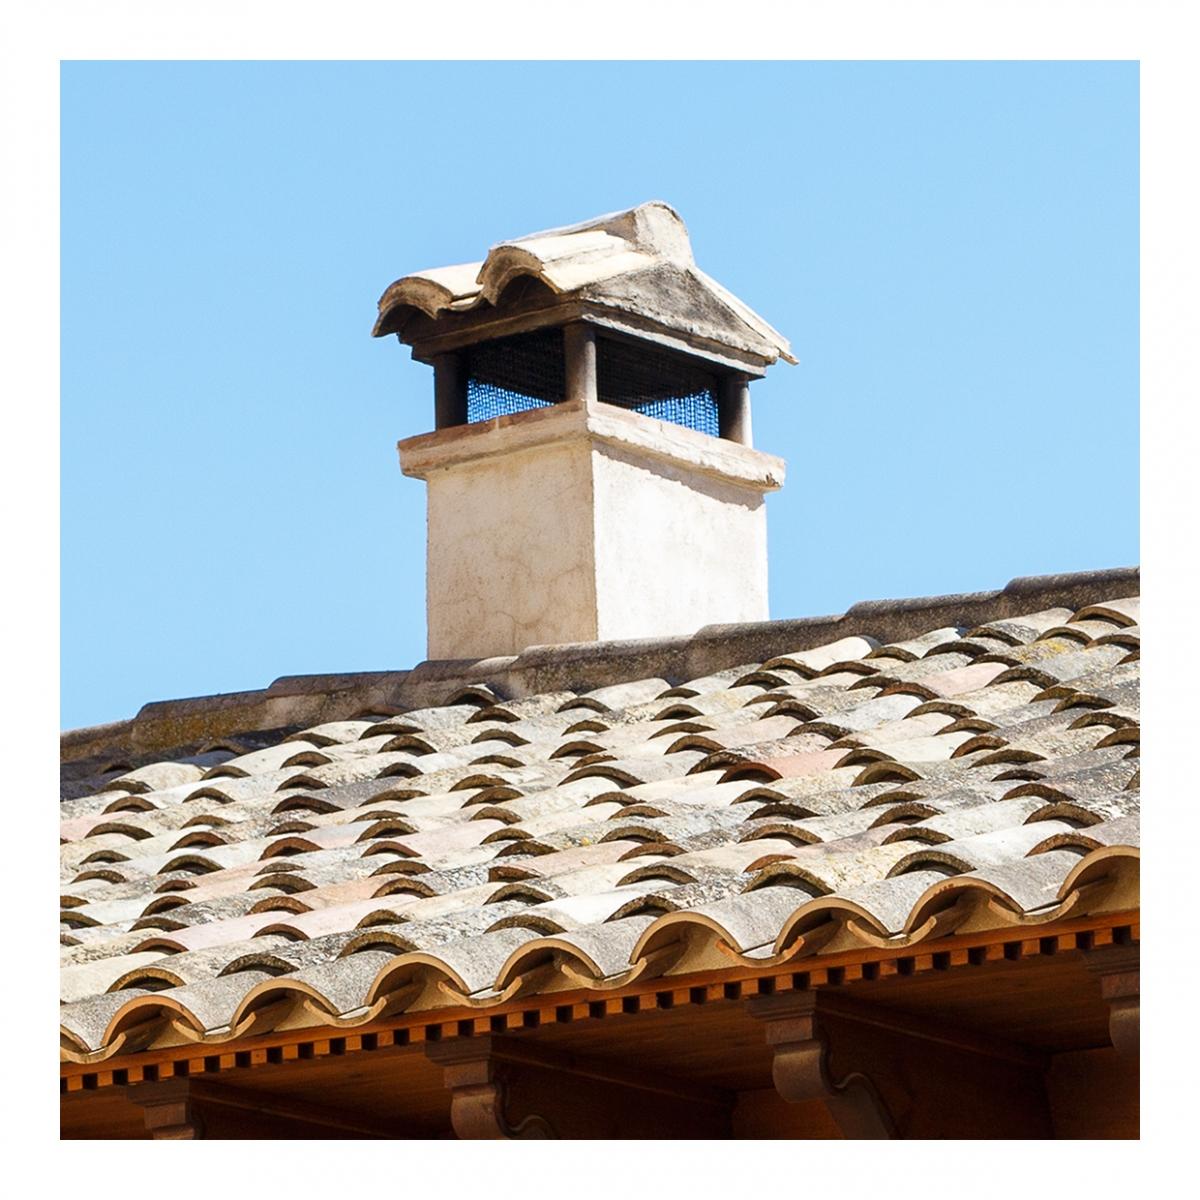 Imagen en la que se ve una chimenea en un tejado